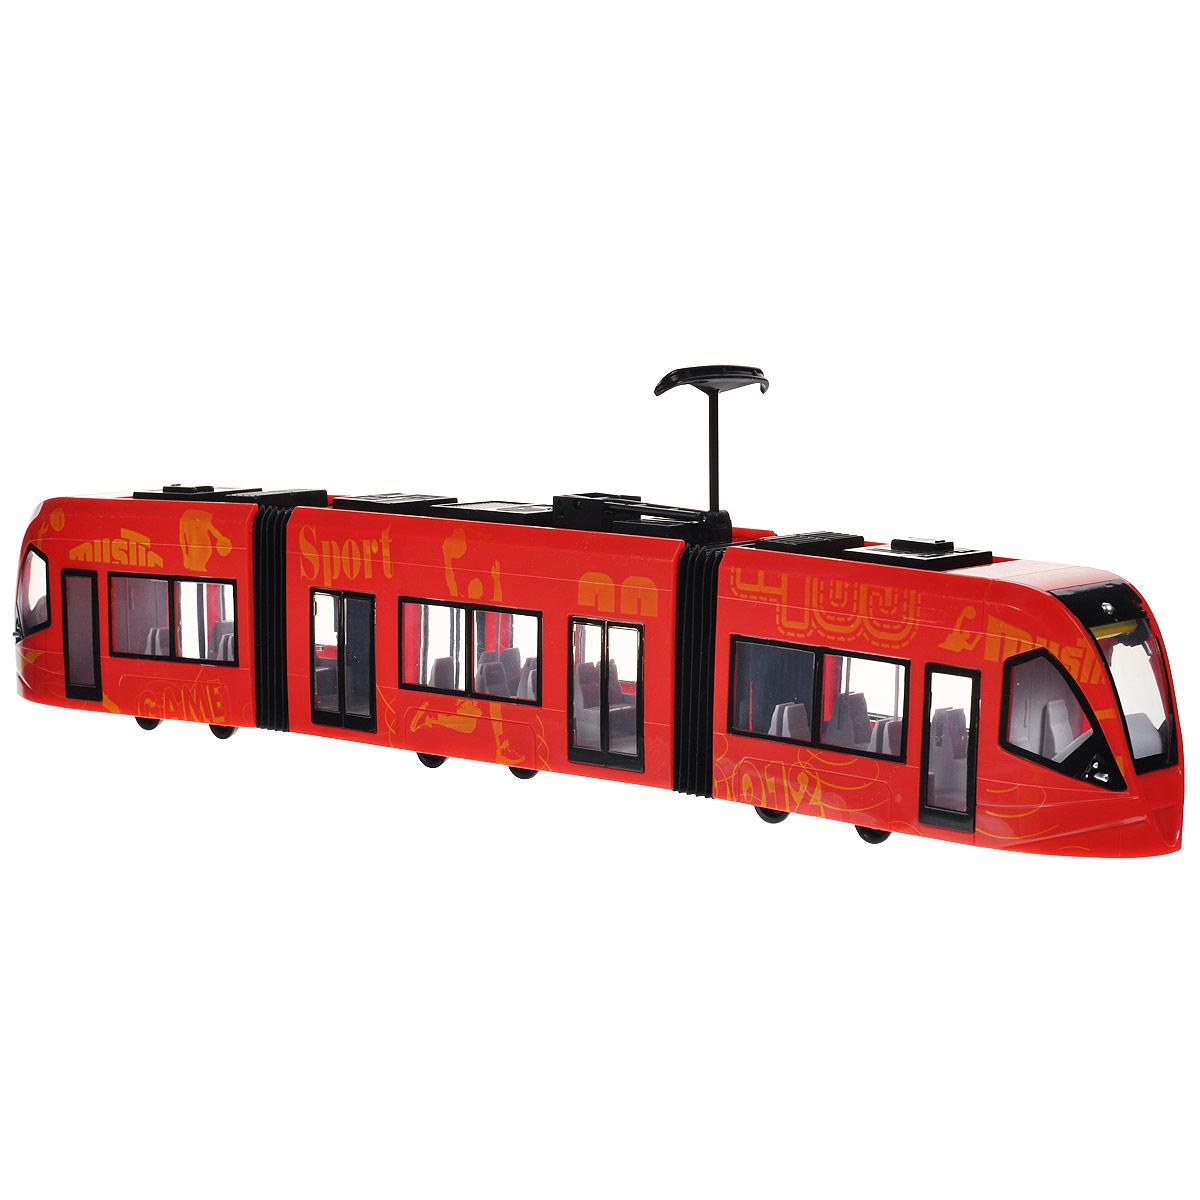 Трамвай городской Пламенный мотор, цвет: красный87448Городской трамвай Пламенный мотор красного цвета выполнен из прочного пластика и оформлен надписями на английском языке и рисунками желтого цвета. Трамвай имеет три части, соединенные гармошкой. Прокрутив специальные колесики в верхней части трамвая, можно открыть любую из четырех дверей. Трамвай оснащен колесиками со свободным ходом. Внутри салона расположены ряды пассажирских кресел. Остается только подобрать фигурки, подходящие по размеру, - и можно отправляться в увлекательное путешествие! Ваш ребенок будет в восторге от такого подарка!